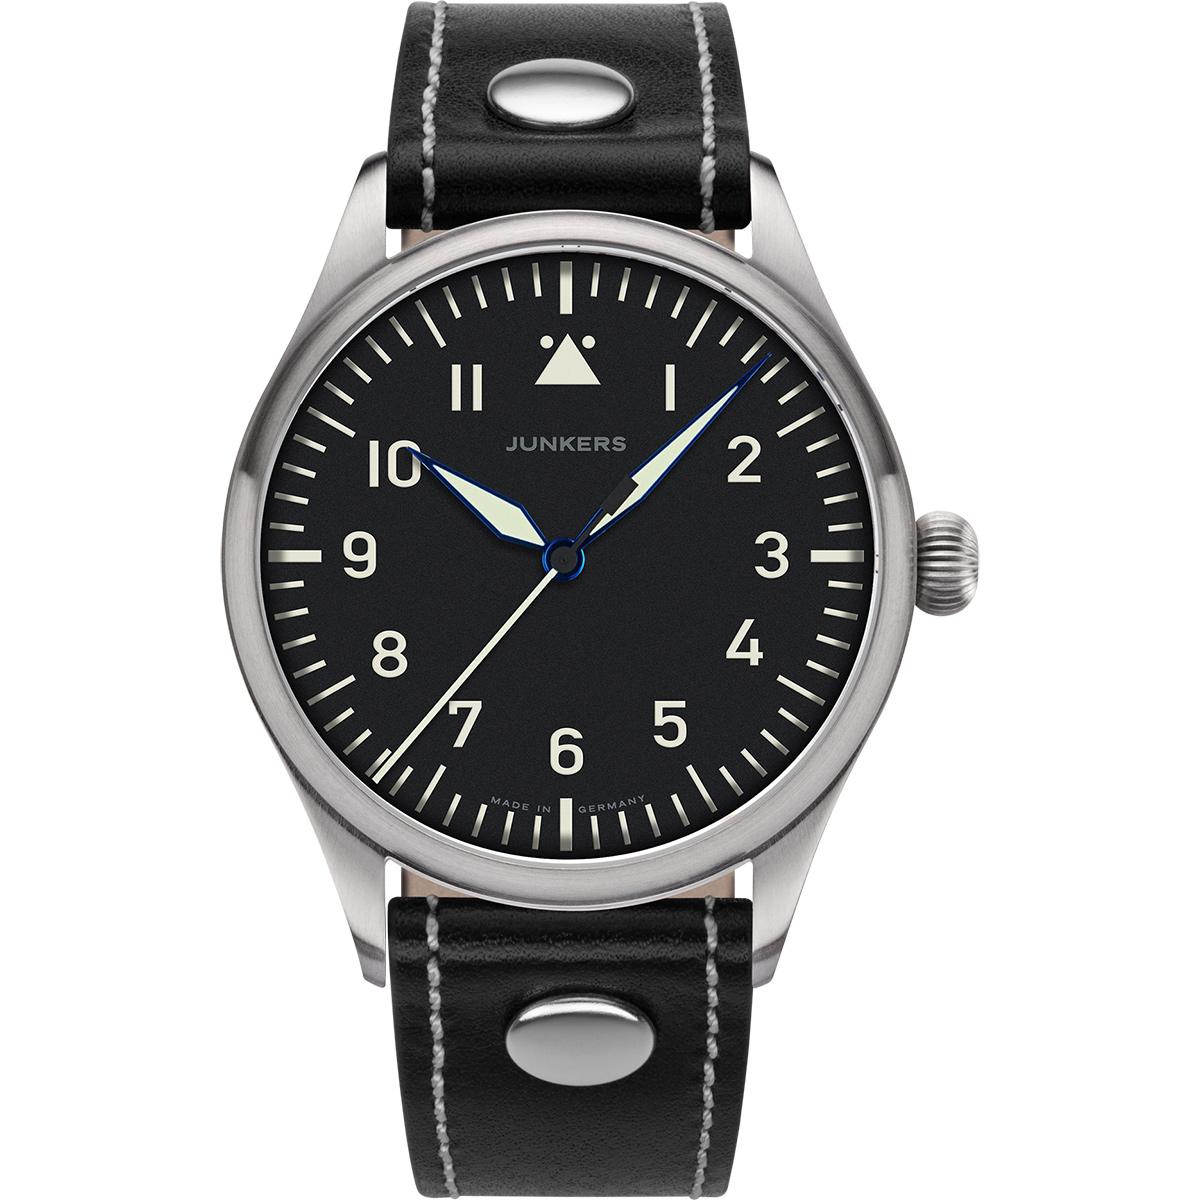 JUNKERS Quarz-Armbanduhr BAUMUSTER A